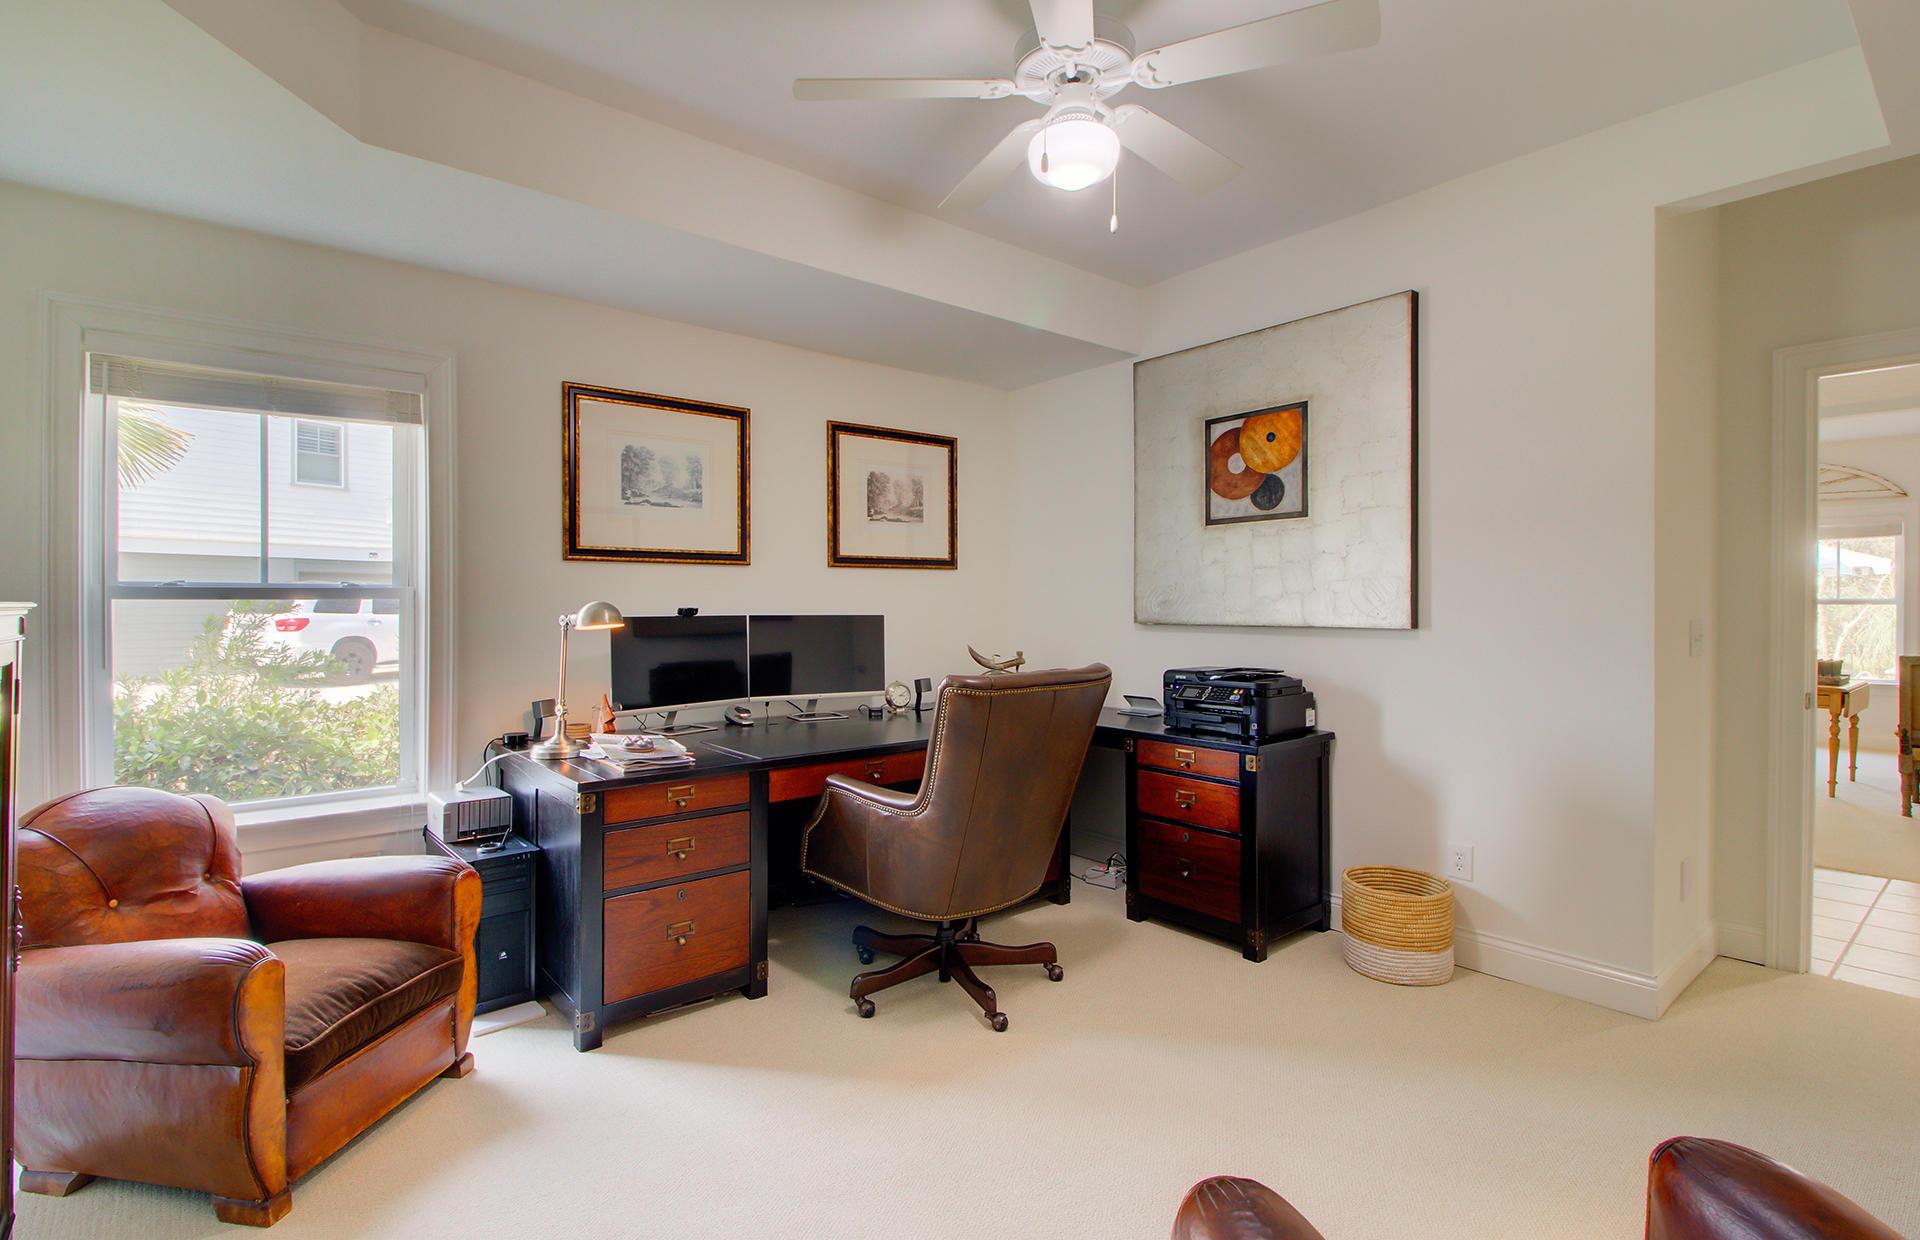 Dunes West Homes For Sale - 2913 Yachtsman, Mount Pleasant, SC - 1